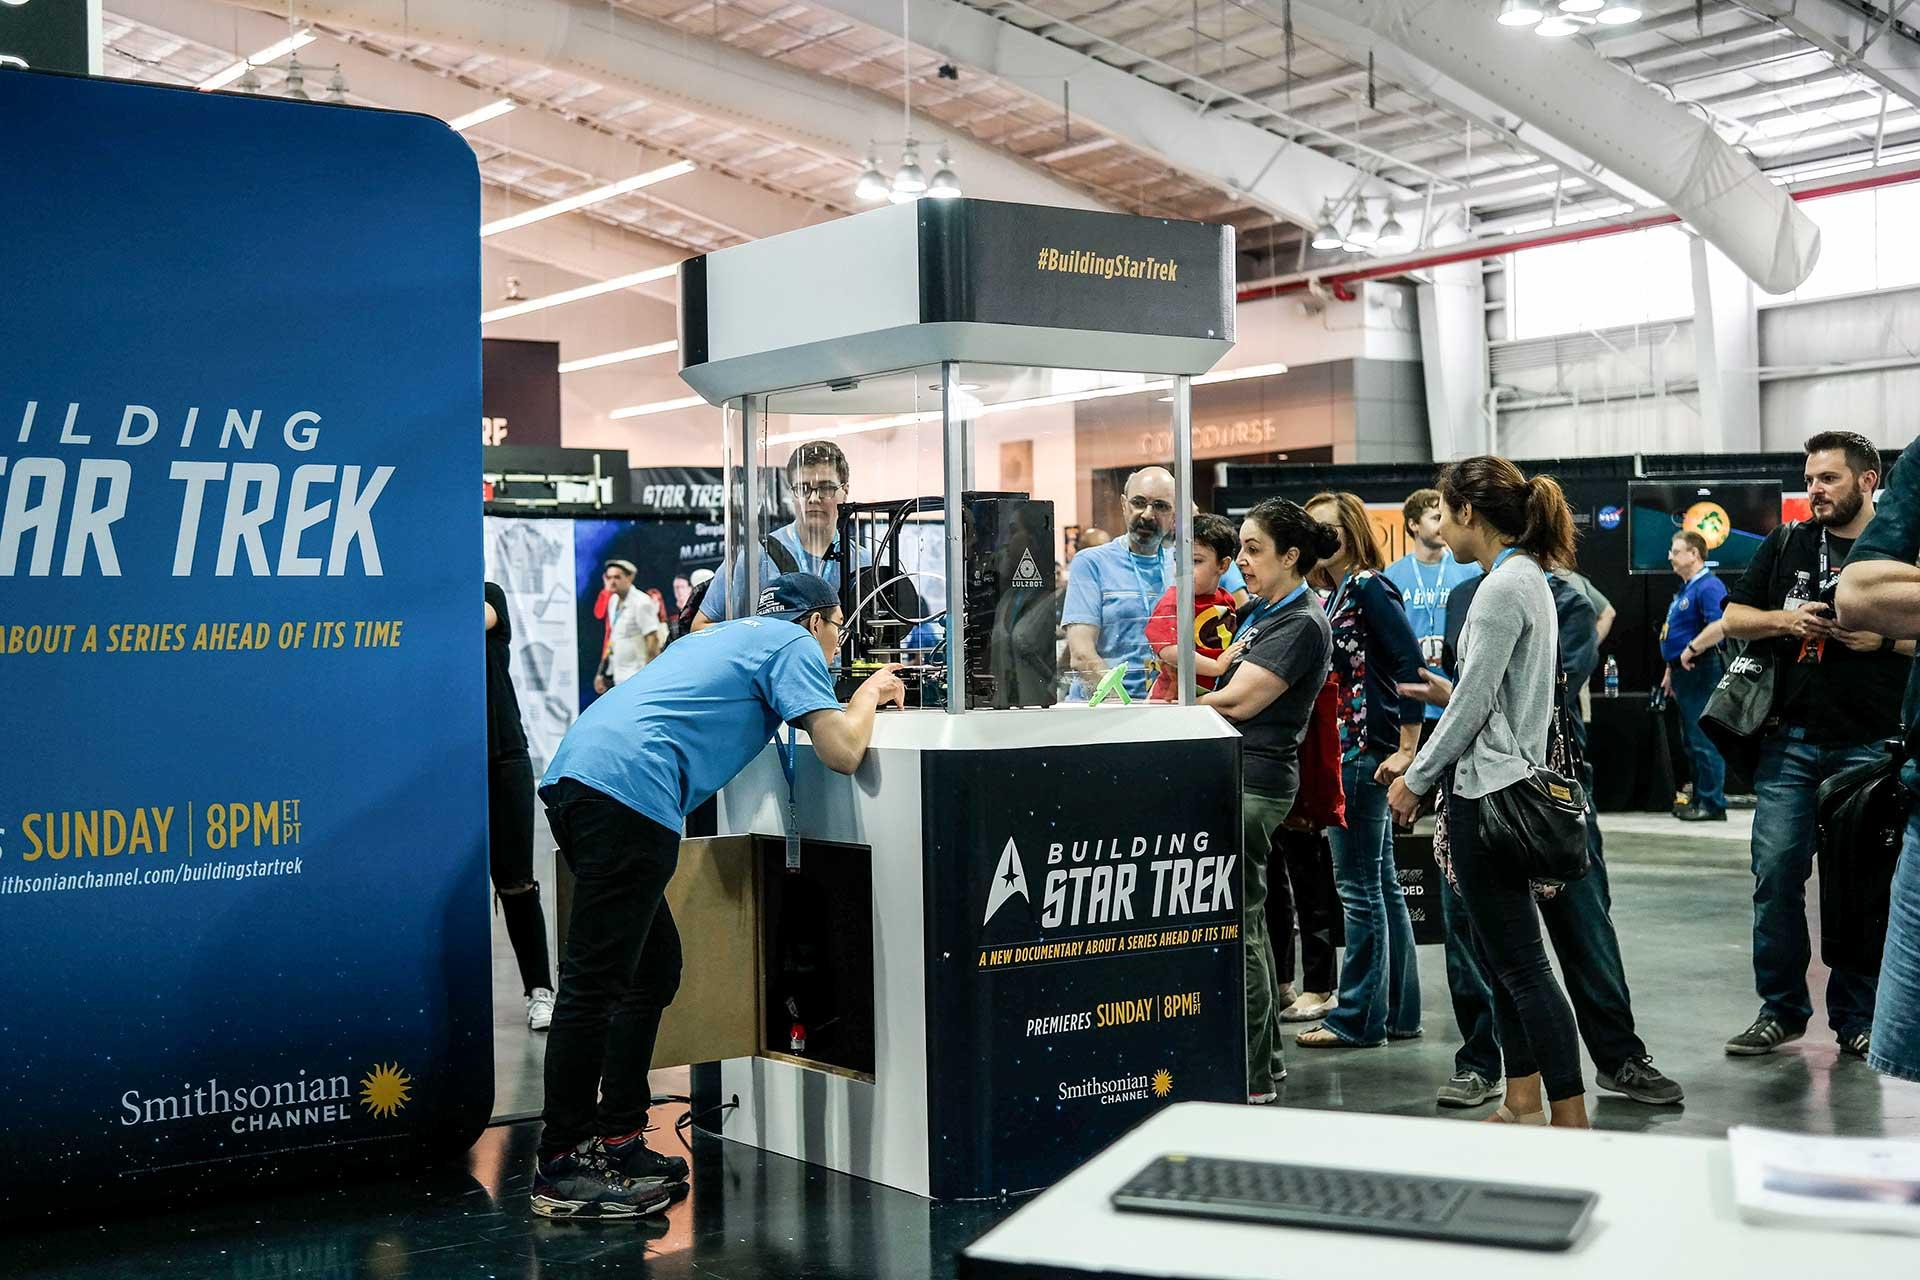 Start Trek exhibition